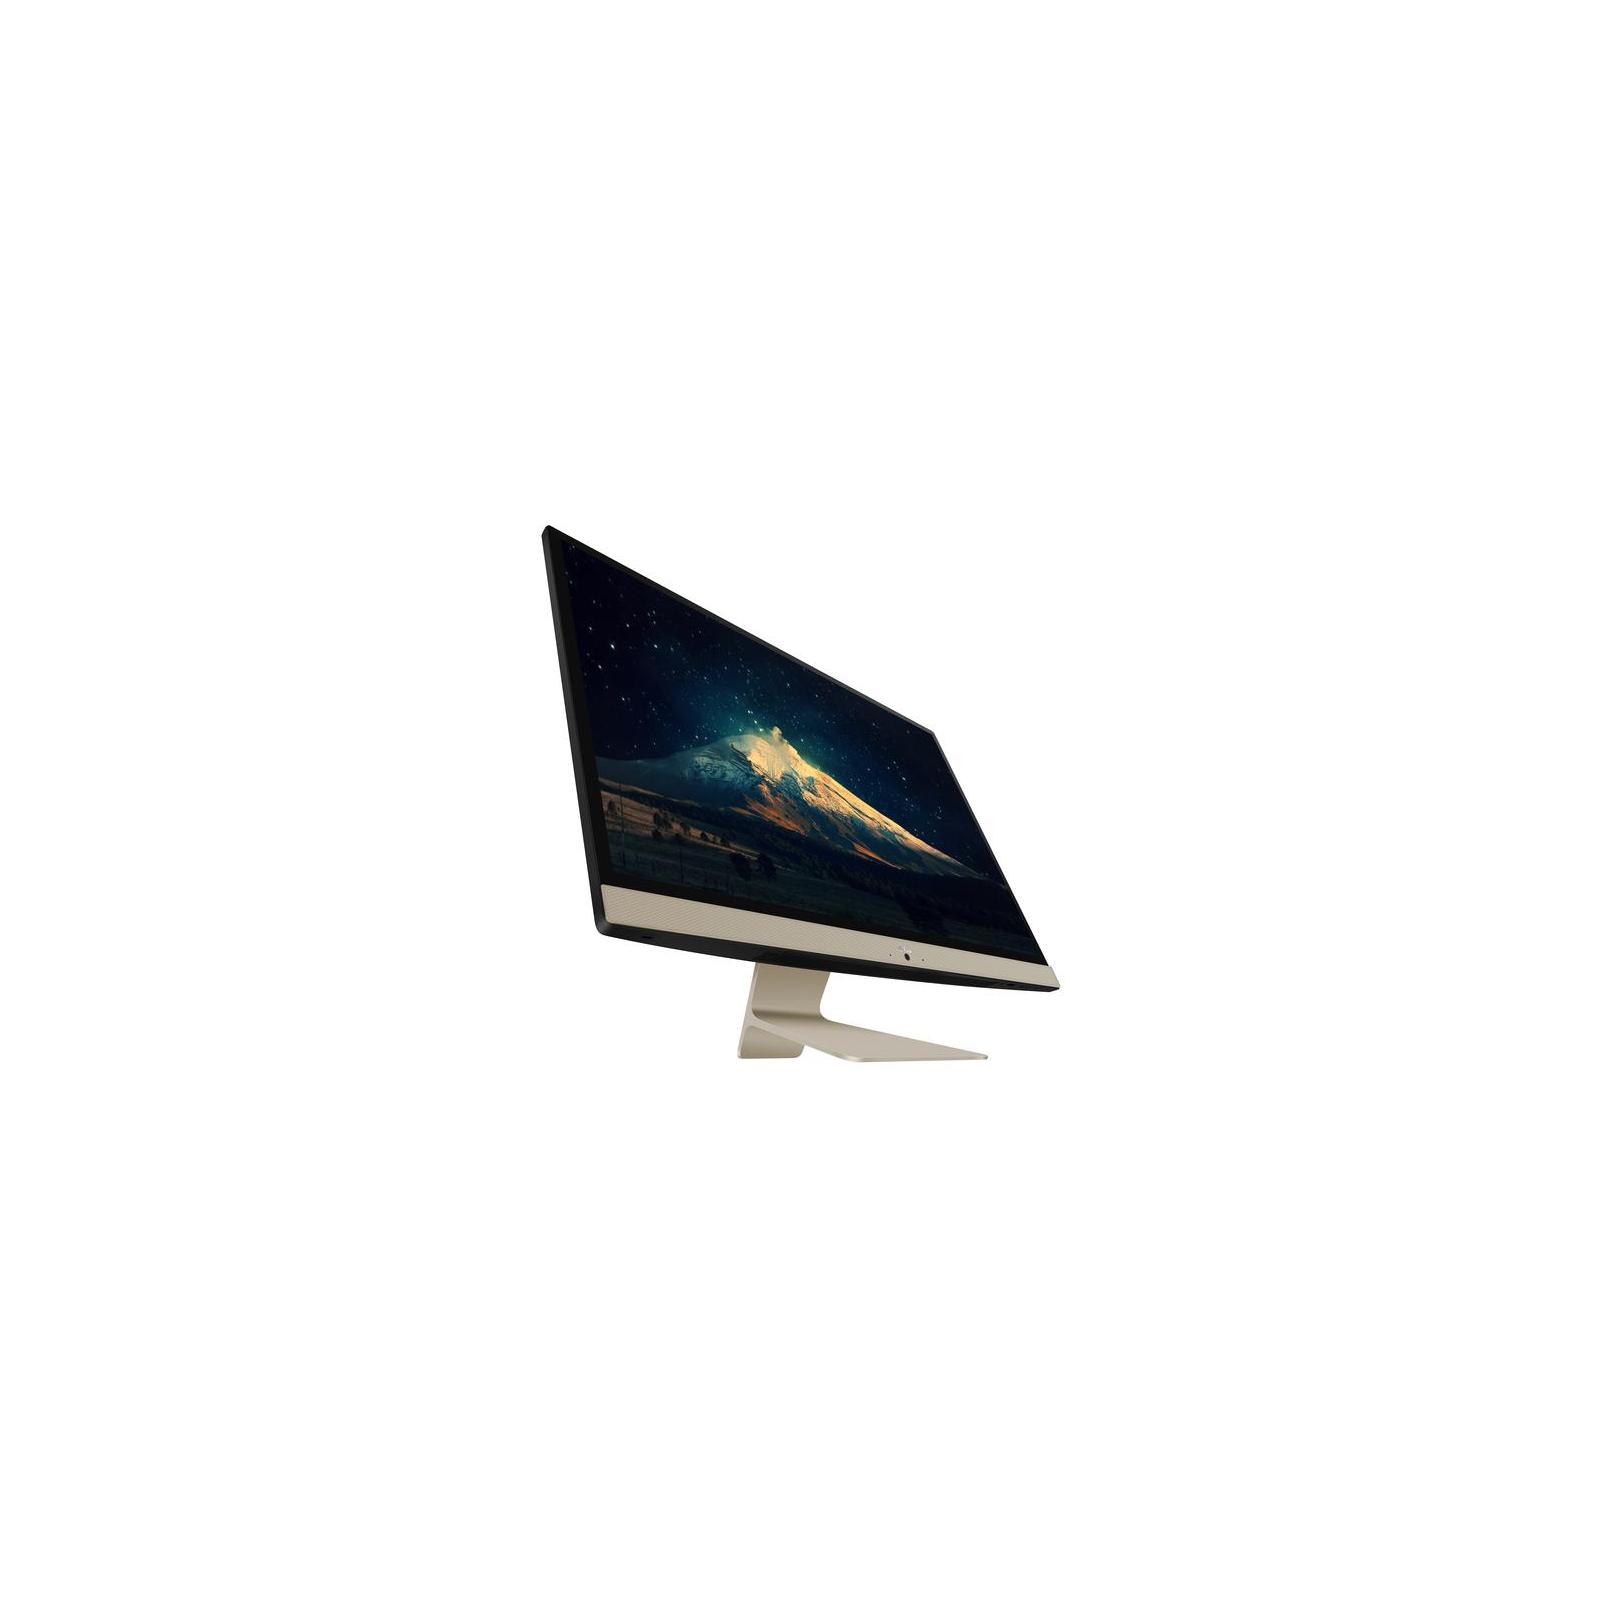 Компьютер ASUS V272UNT-BA002R (90PT0241-M00220) изображение 2